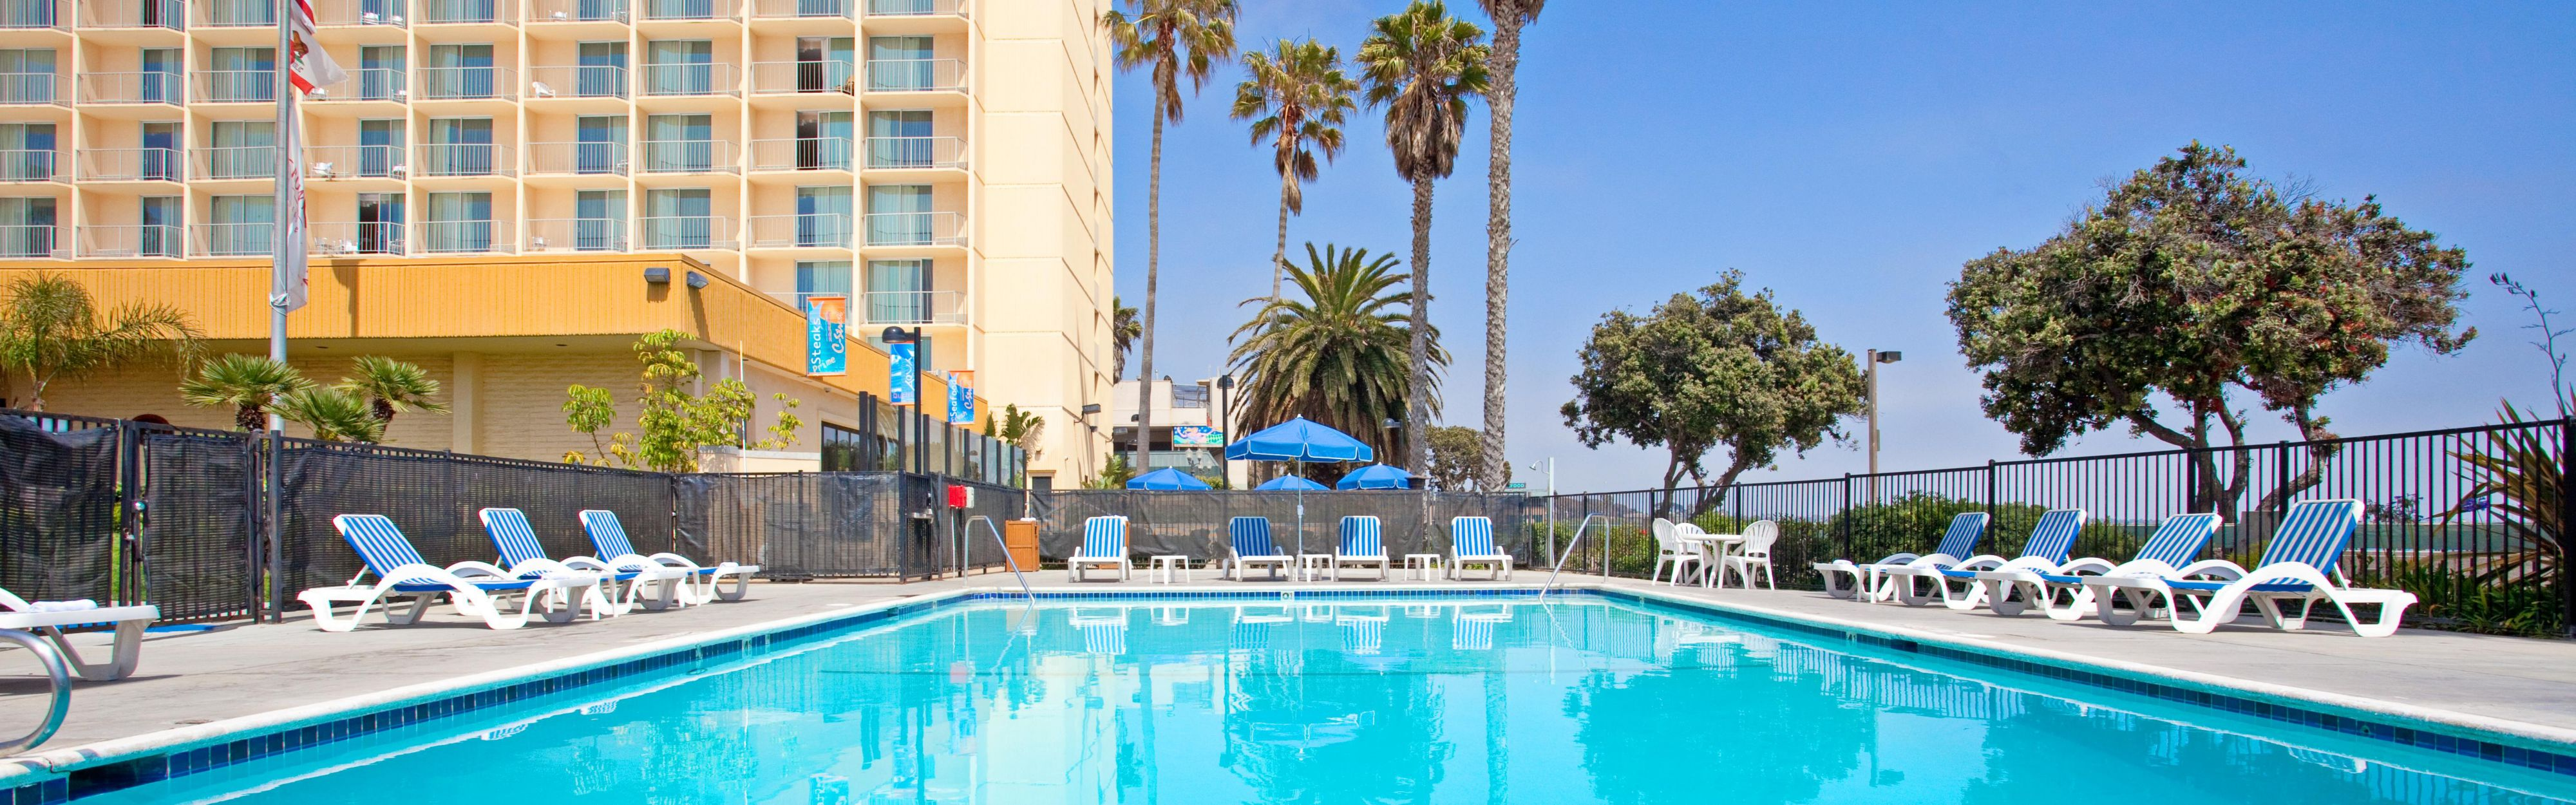 Crowne Plaza Ventura Beach Ca